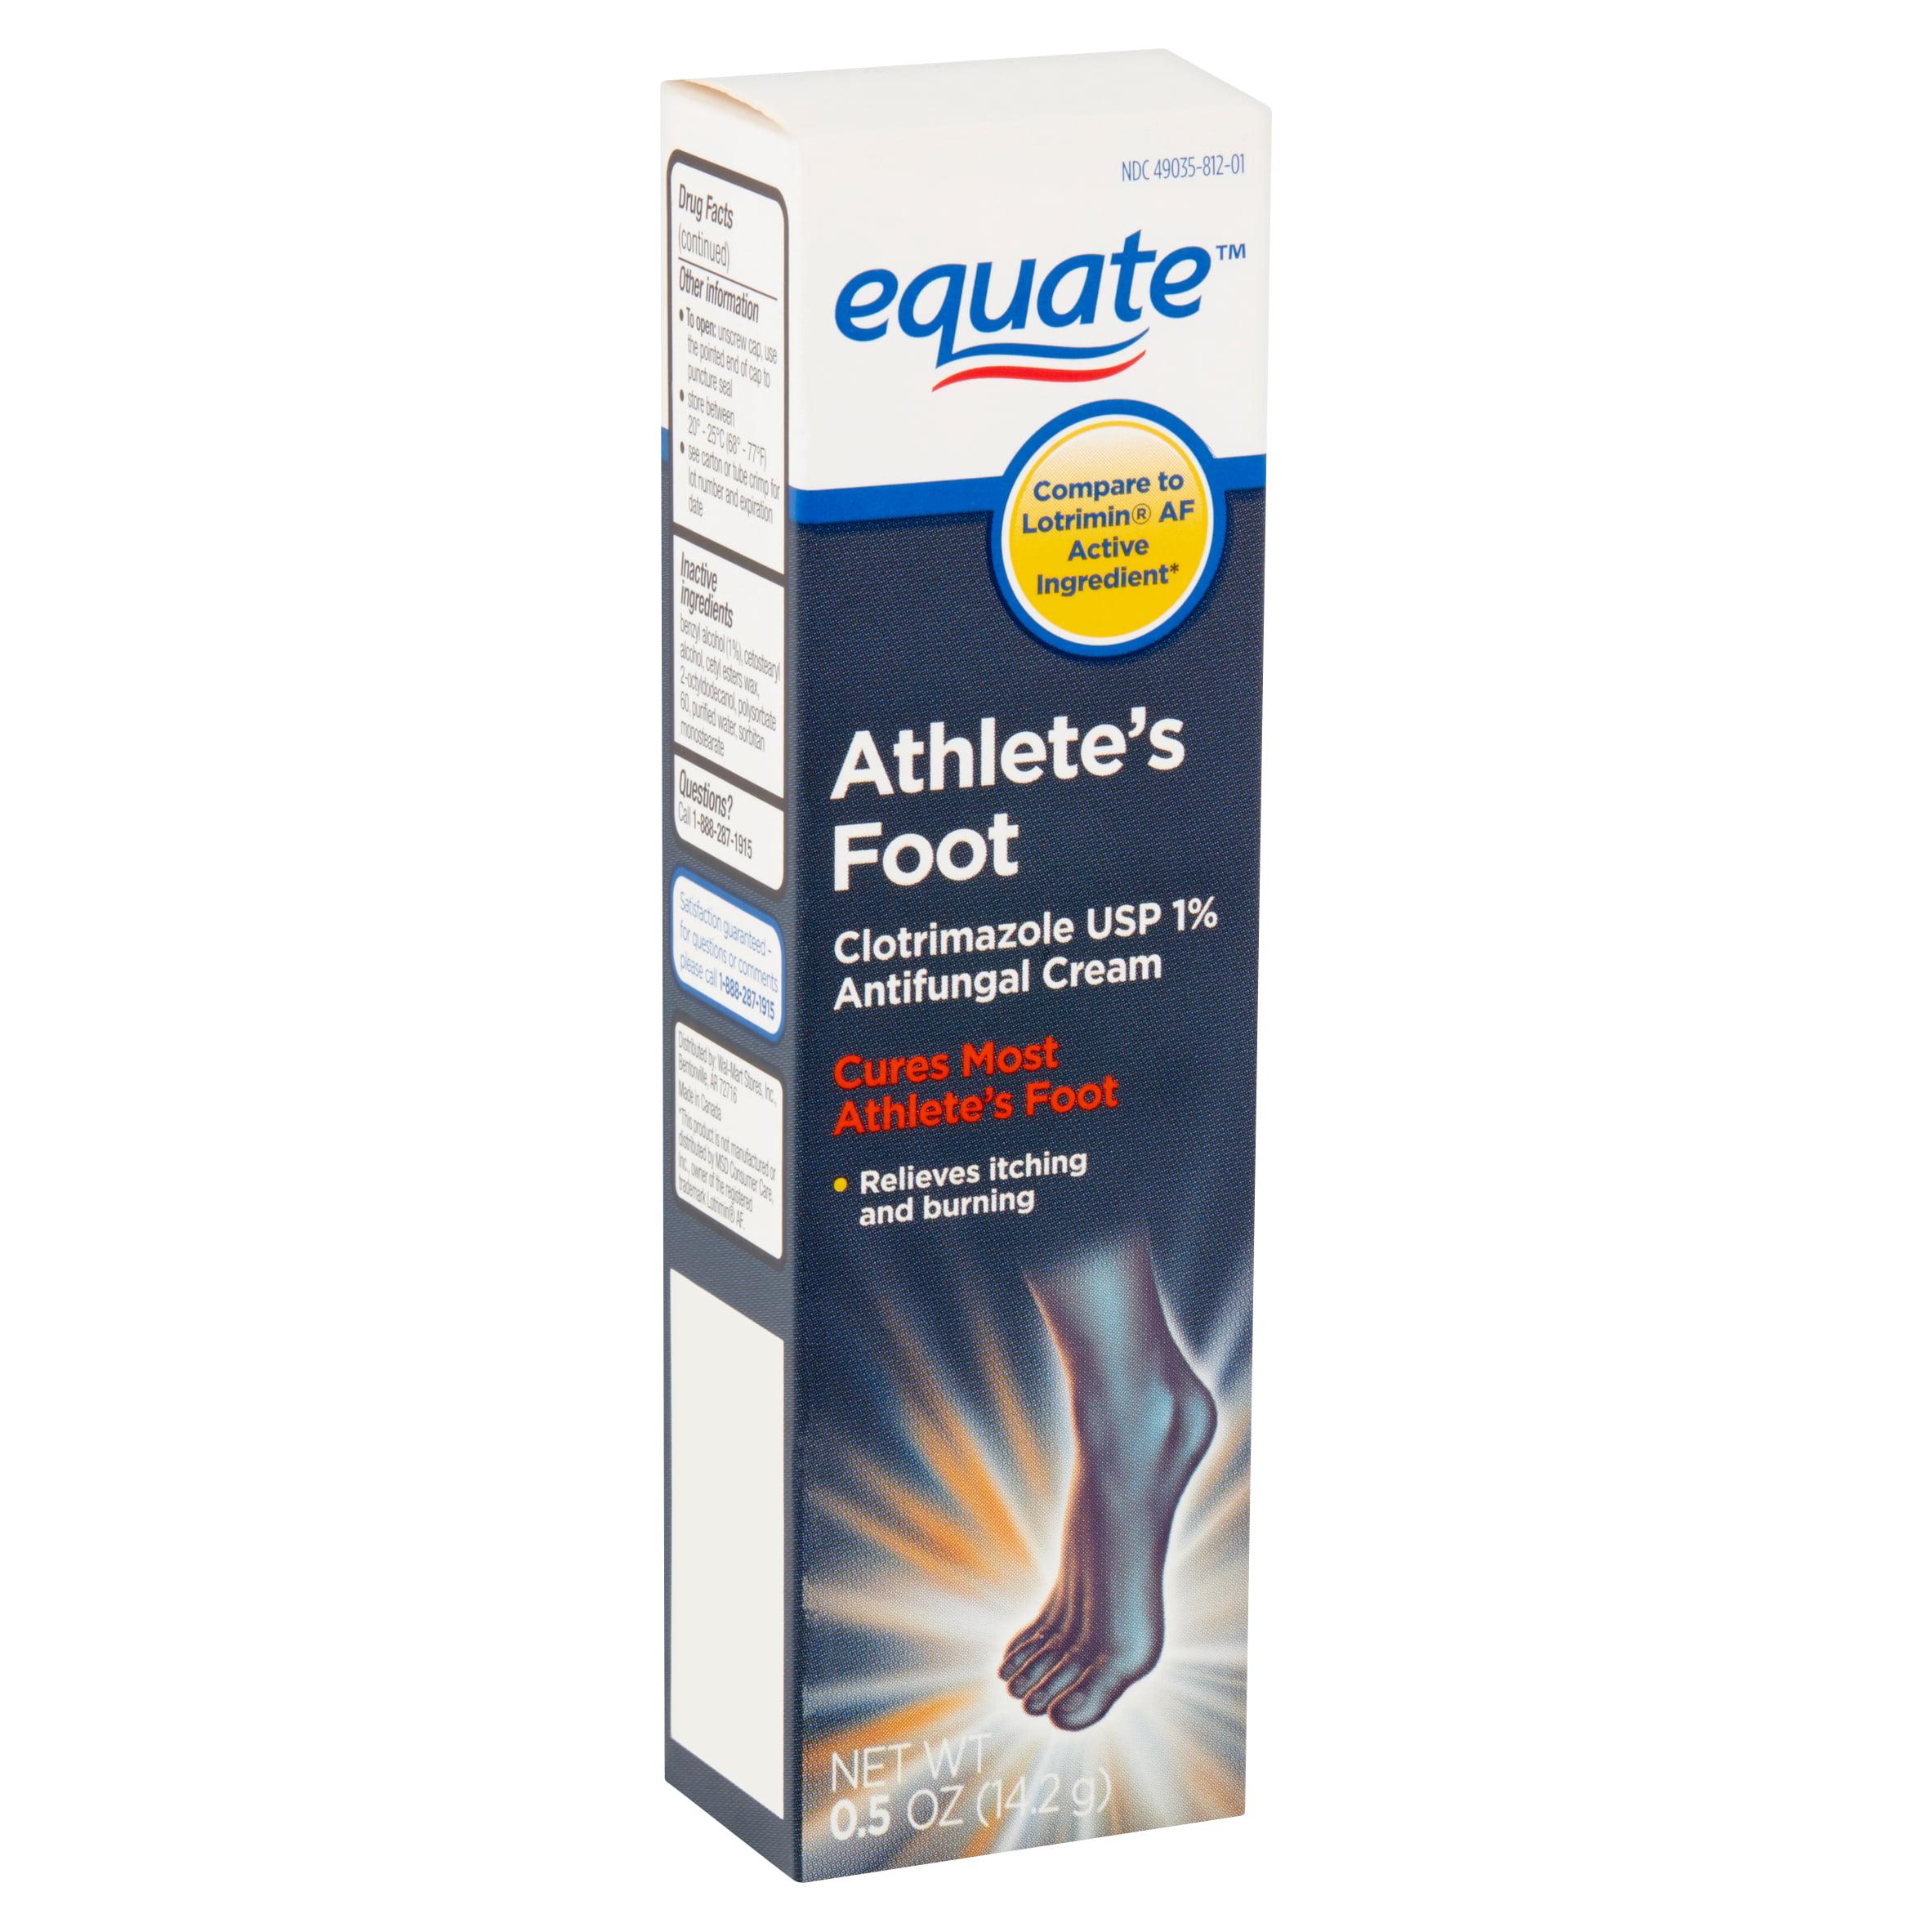 Equate Athlete's Foot Antifungal Cream, 0.5 oz